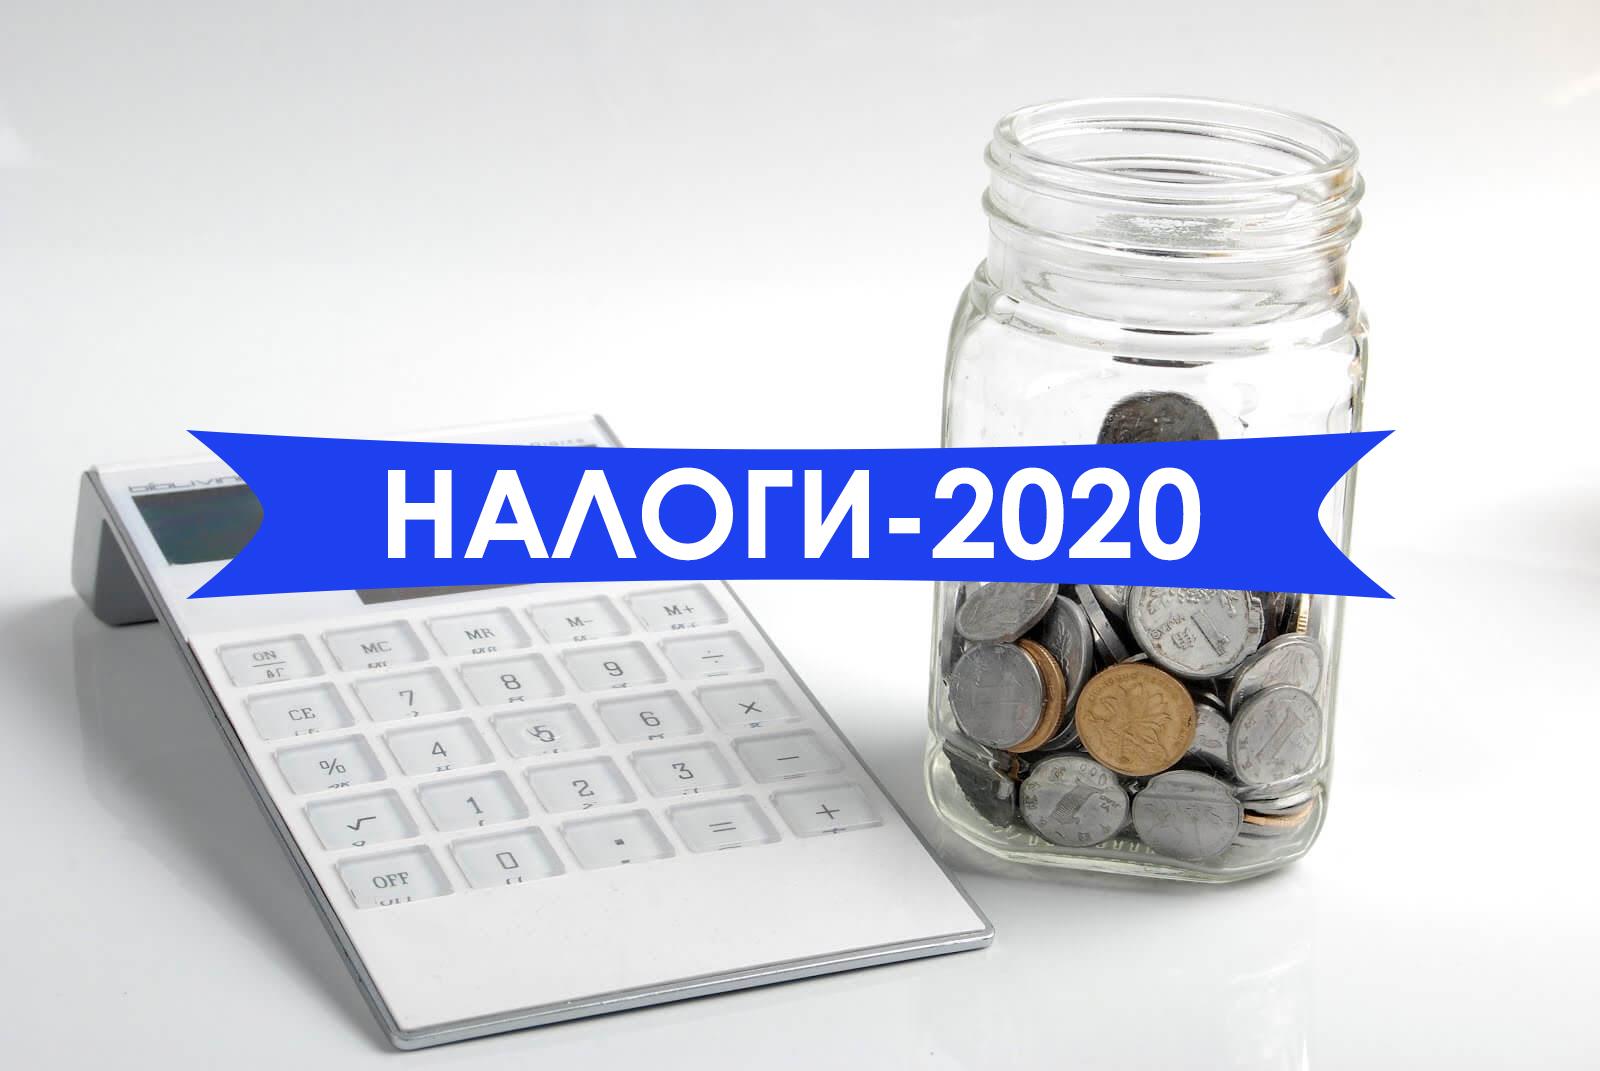 Новые ставки налогов, размеры налоговых вычетов и иные показатели